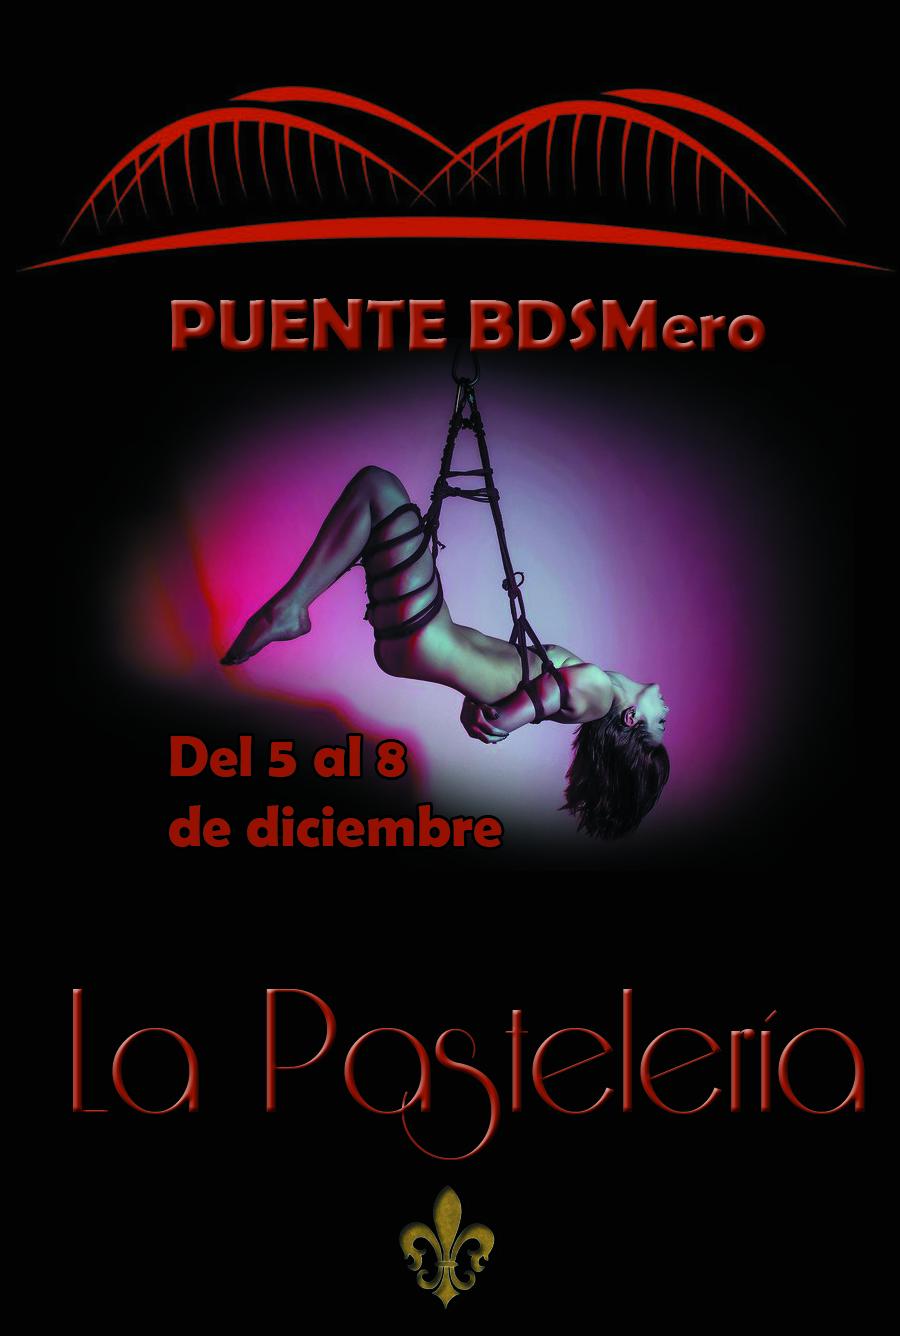 PUENTE BDSMero @ La Pastelería | Madrid | Comunidad de Madrid | España